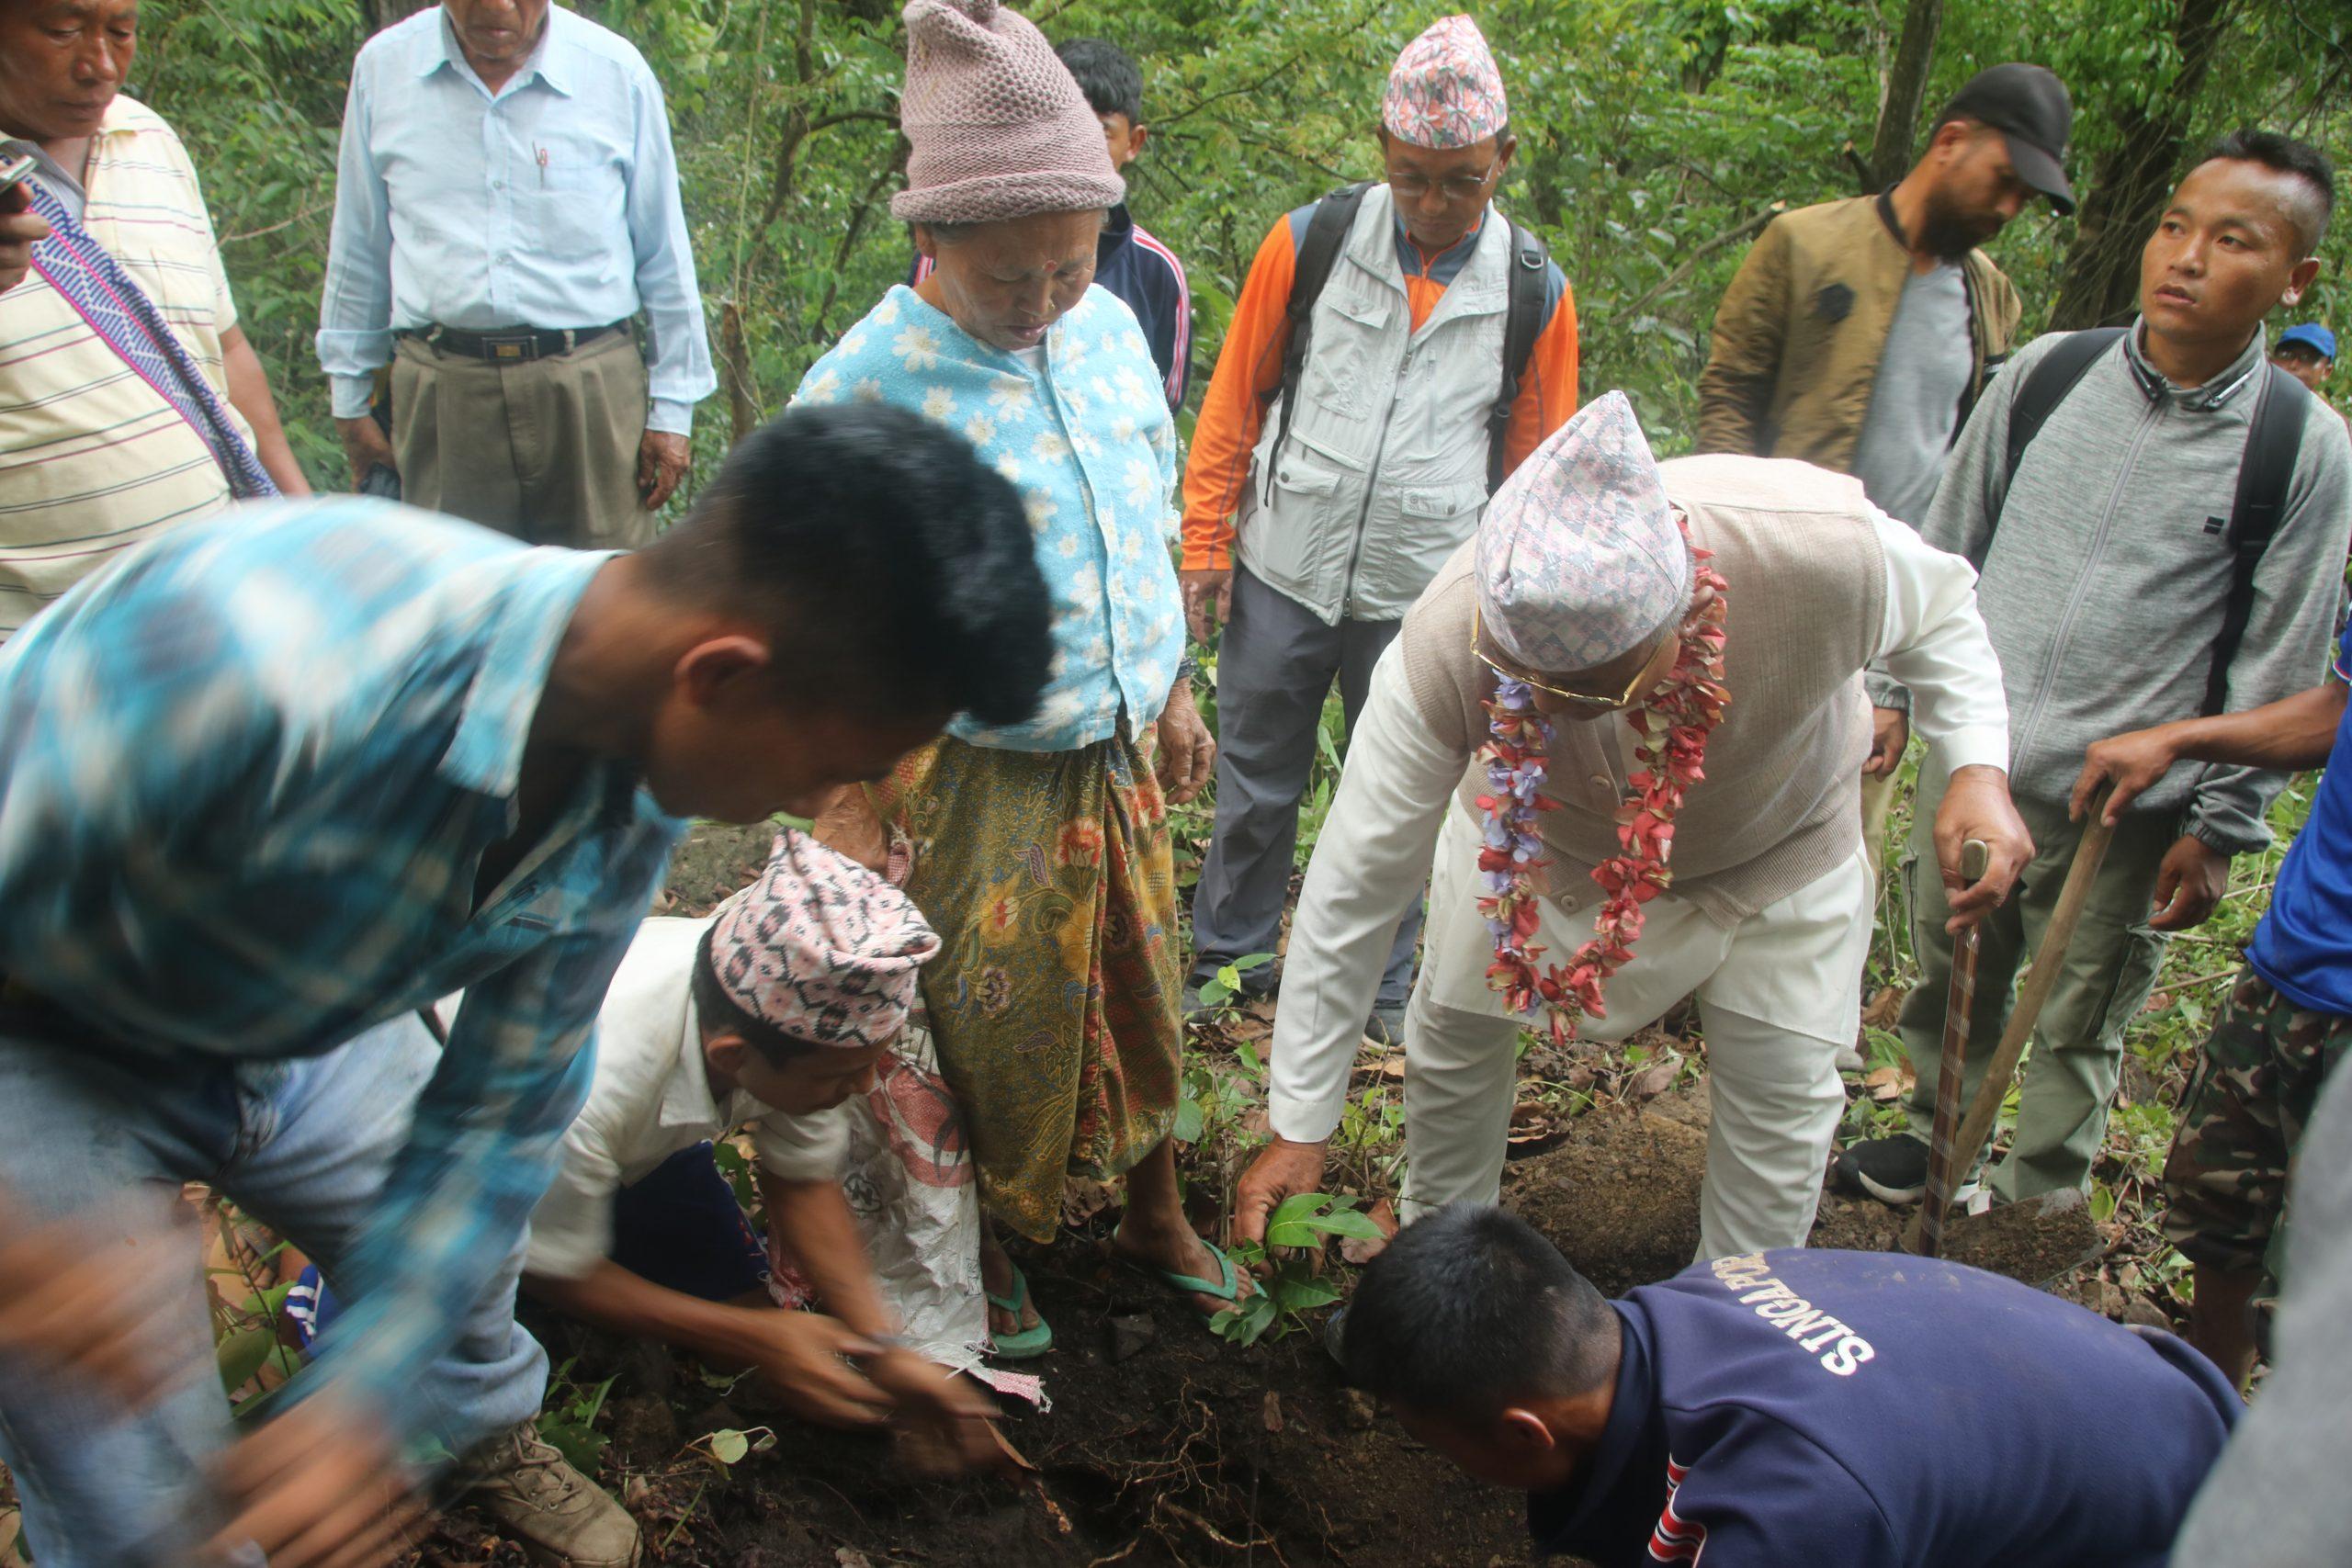 किरात धार्मिक तिर्थस्थल तपोभूमि खत्रक्पा र फुलुङगीमा वृक्षारोपण